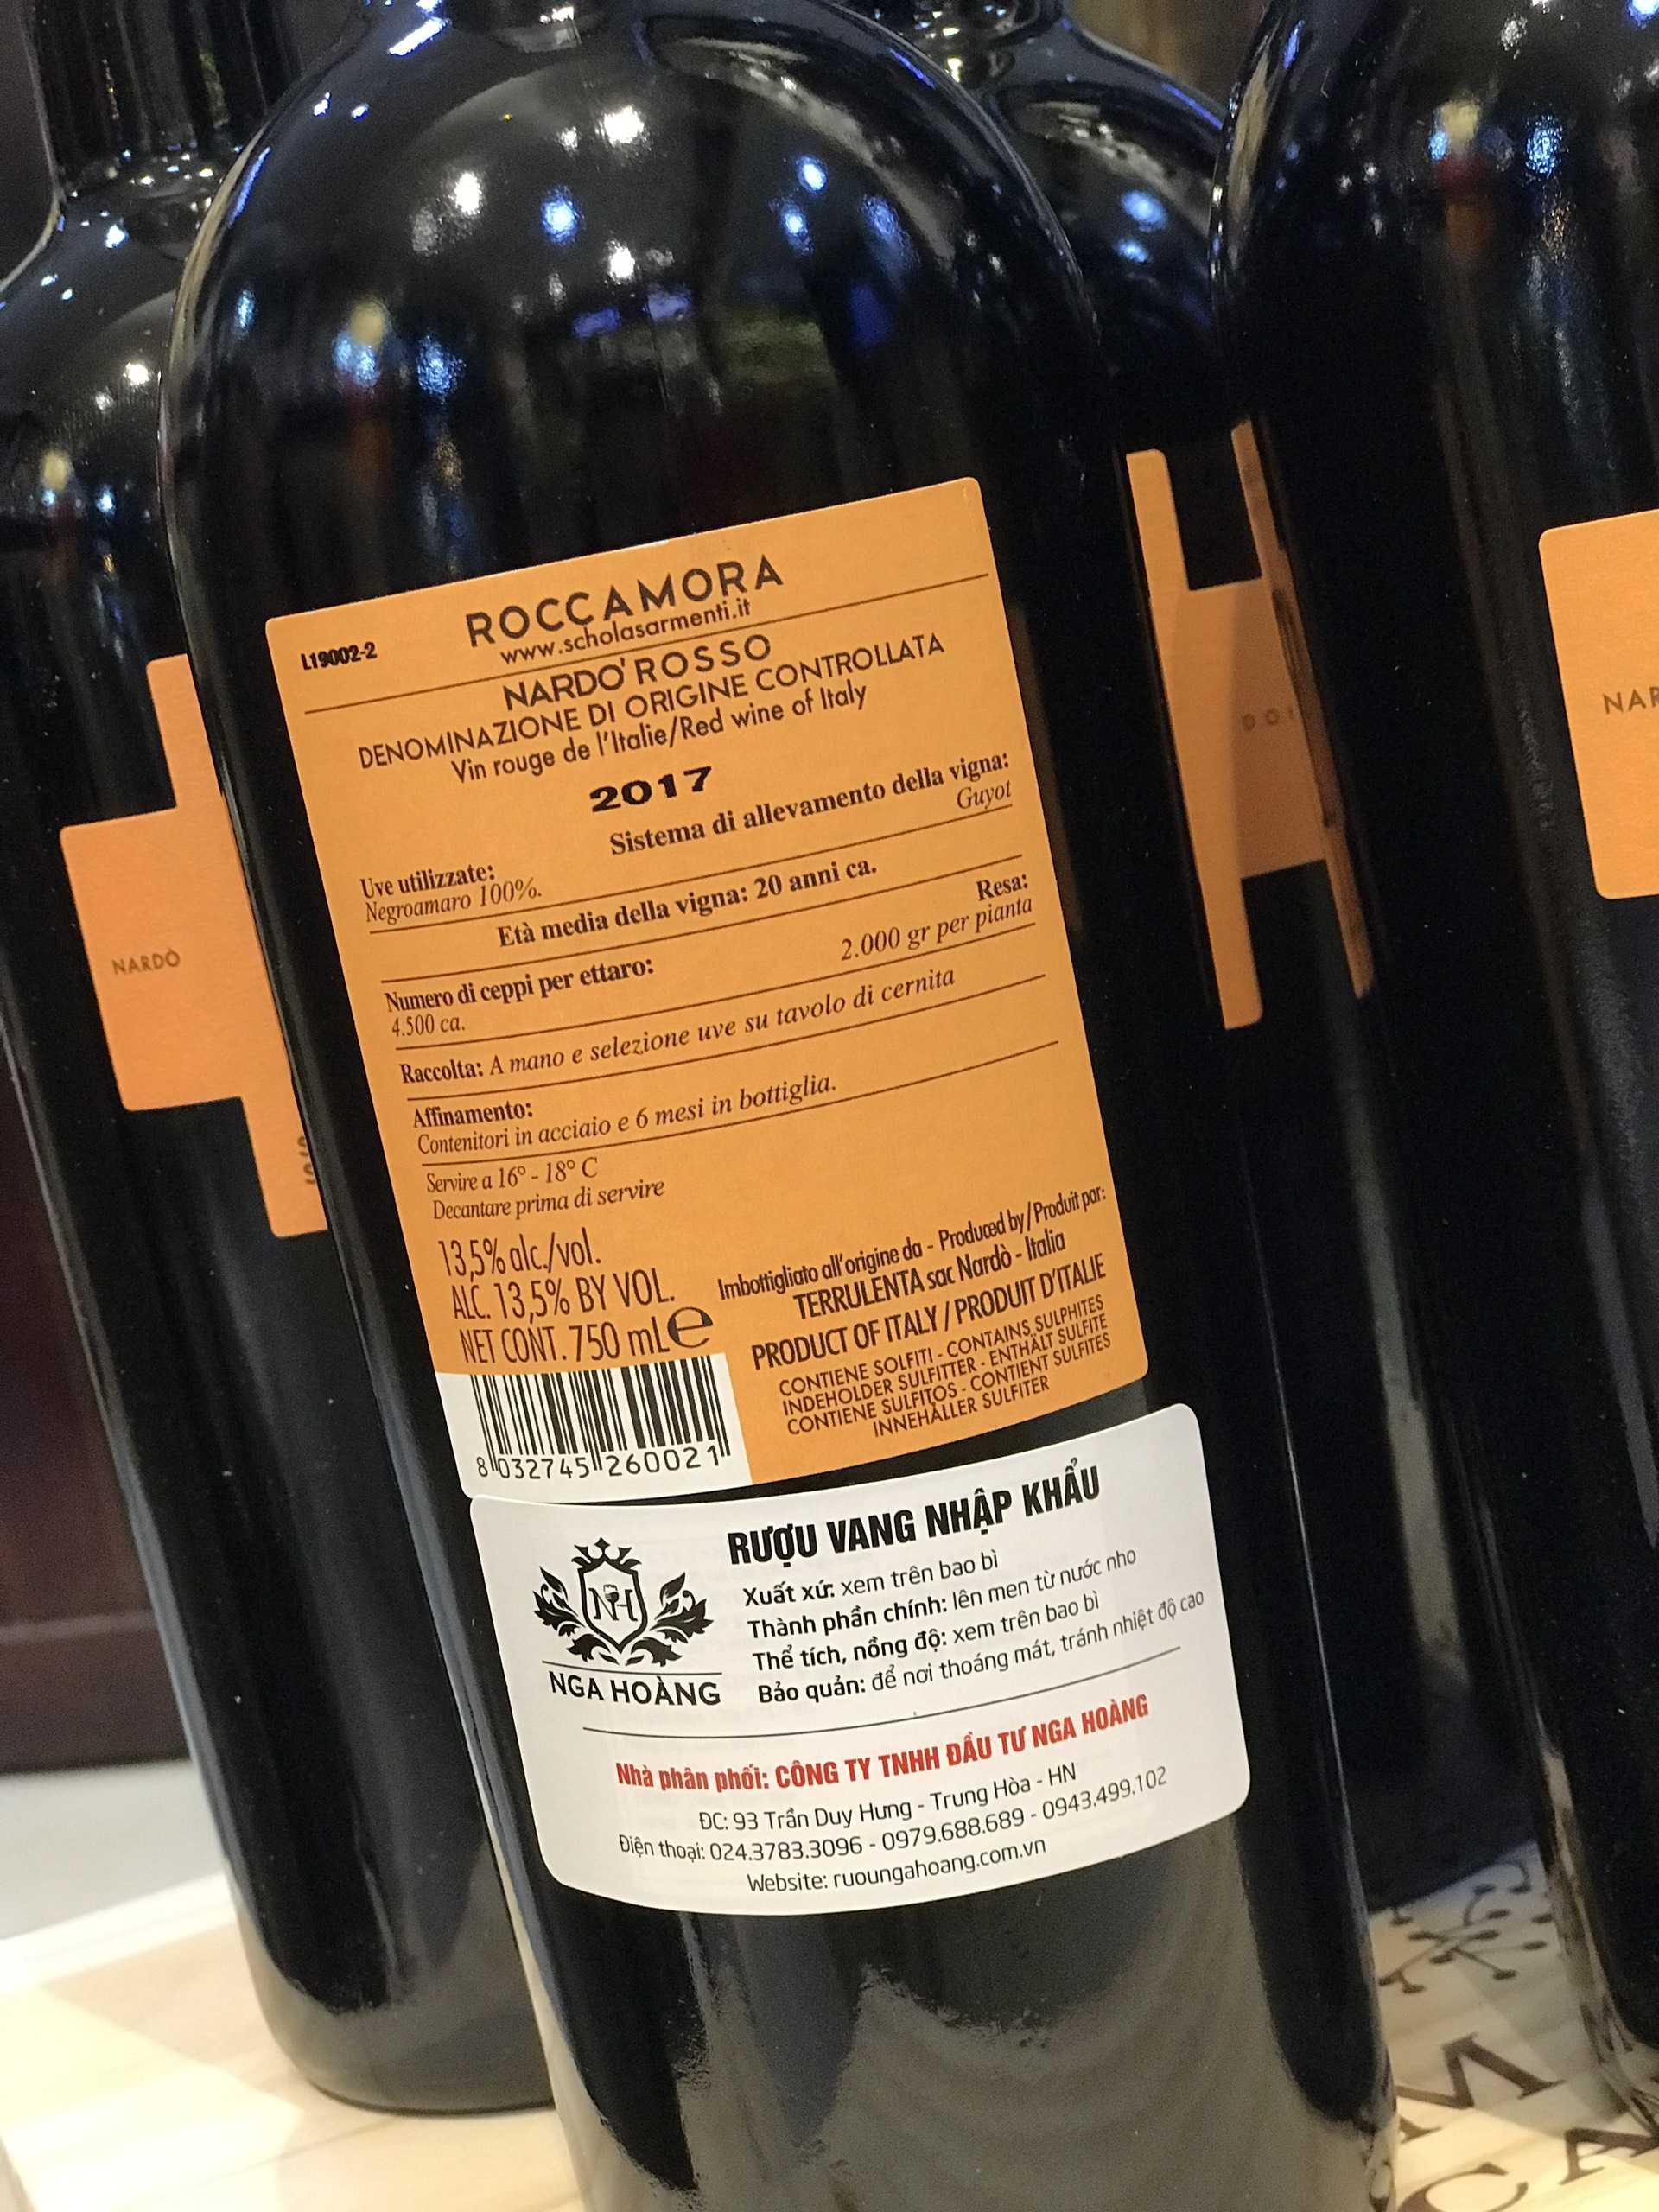 Rượu vang đỏ Roccamora (VANG Ý)